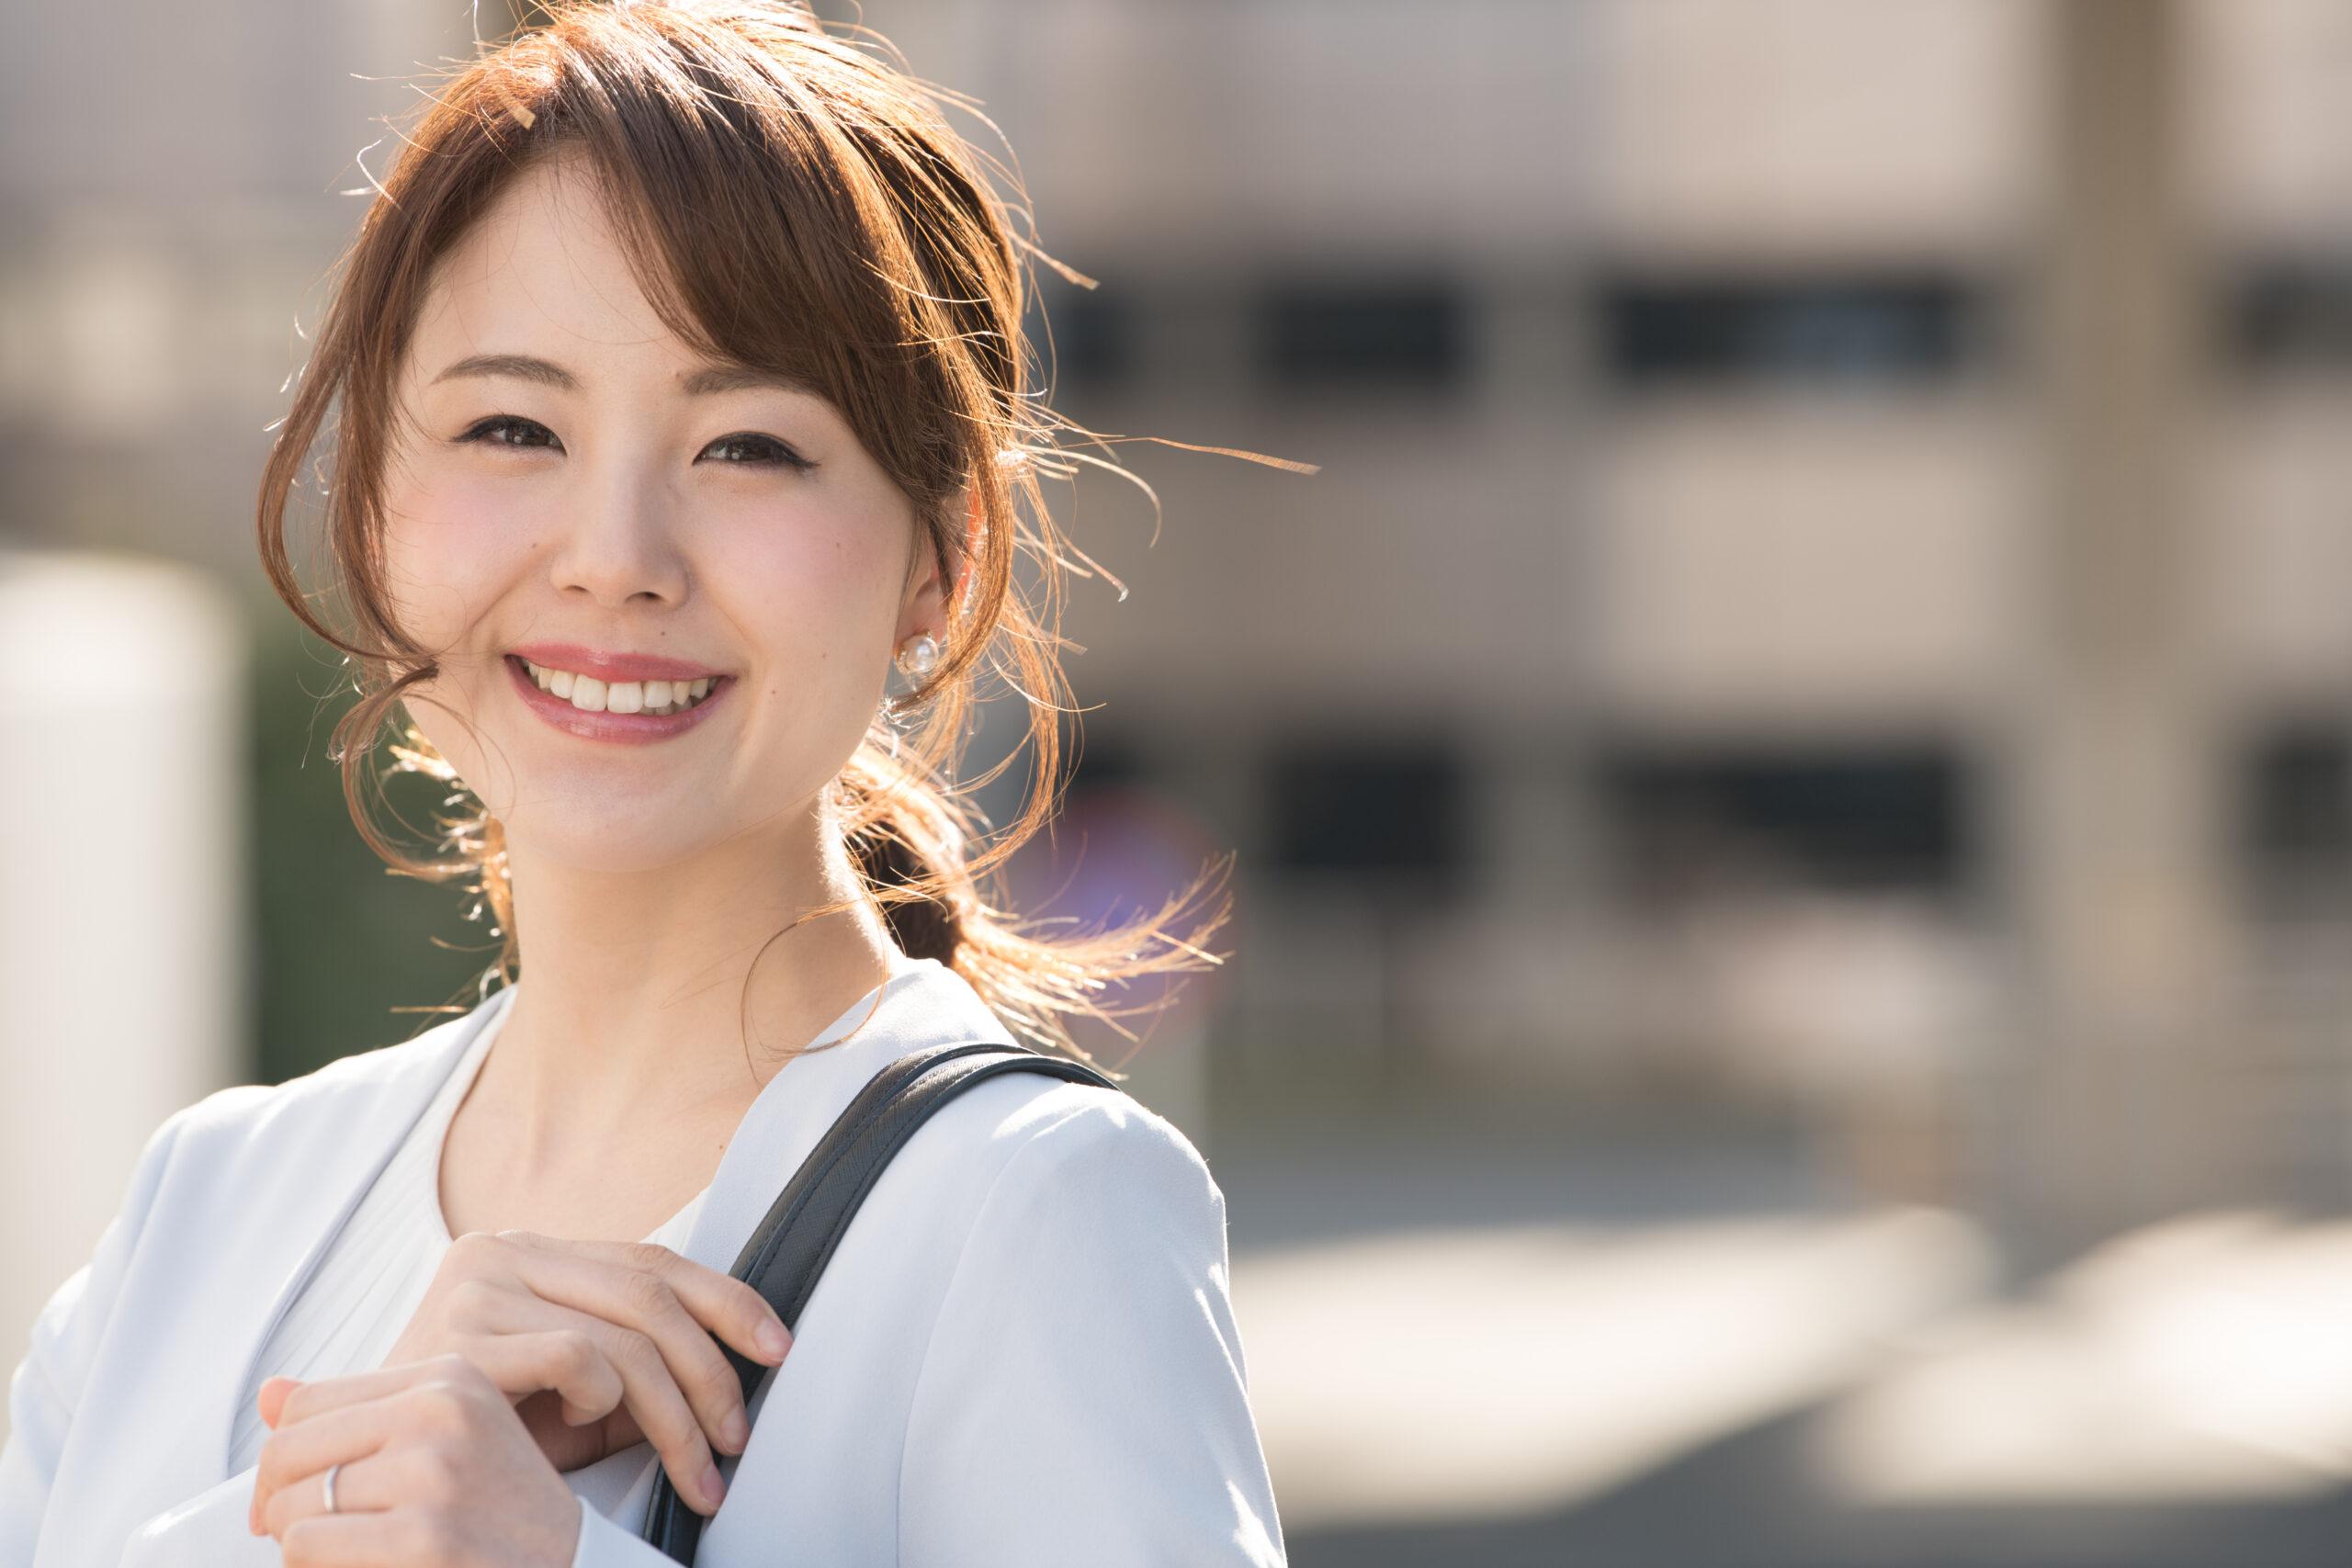 【札幌】2021年度 電話応対コンクール事前講習会<札幌開催> <br>~自分らしく輝く最初の一歩~